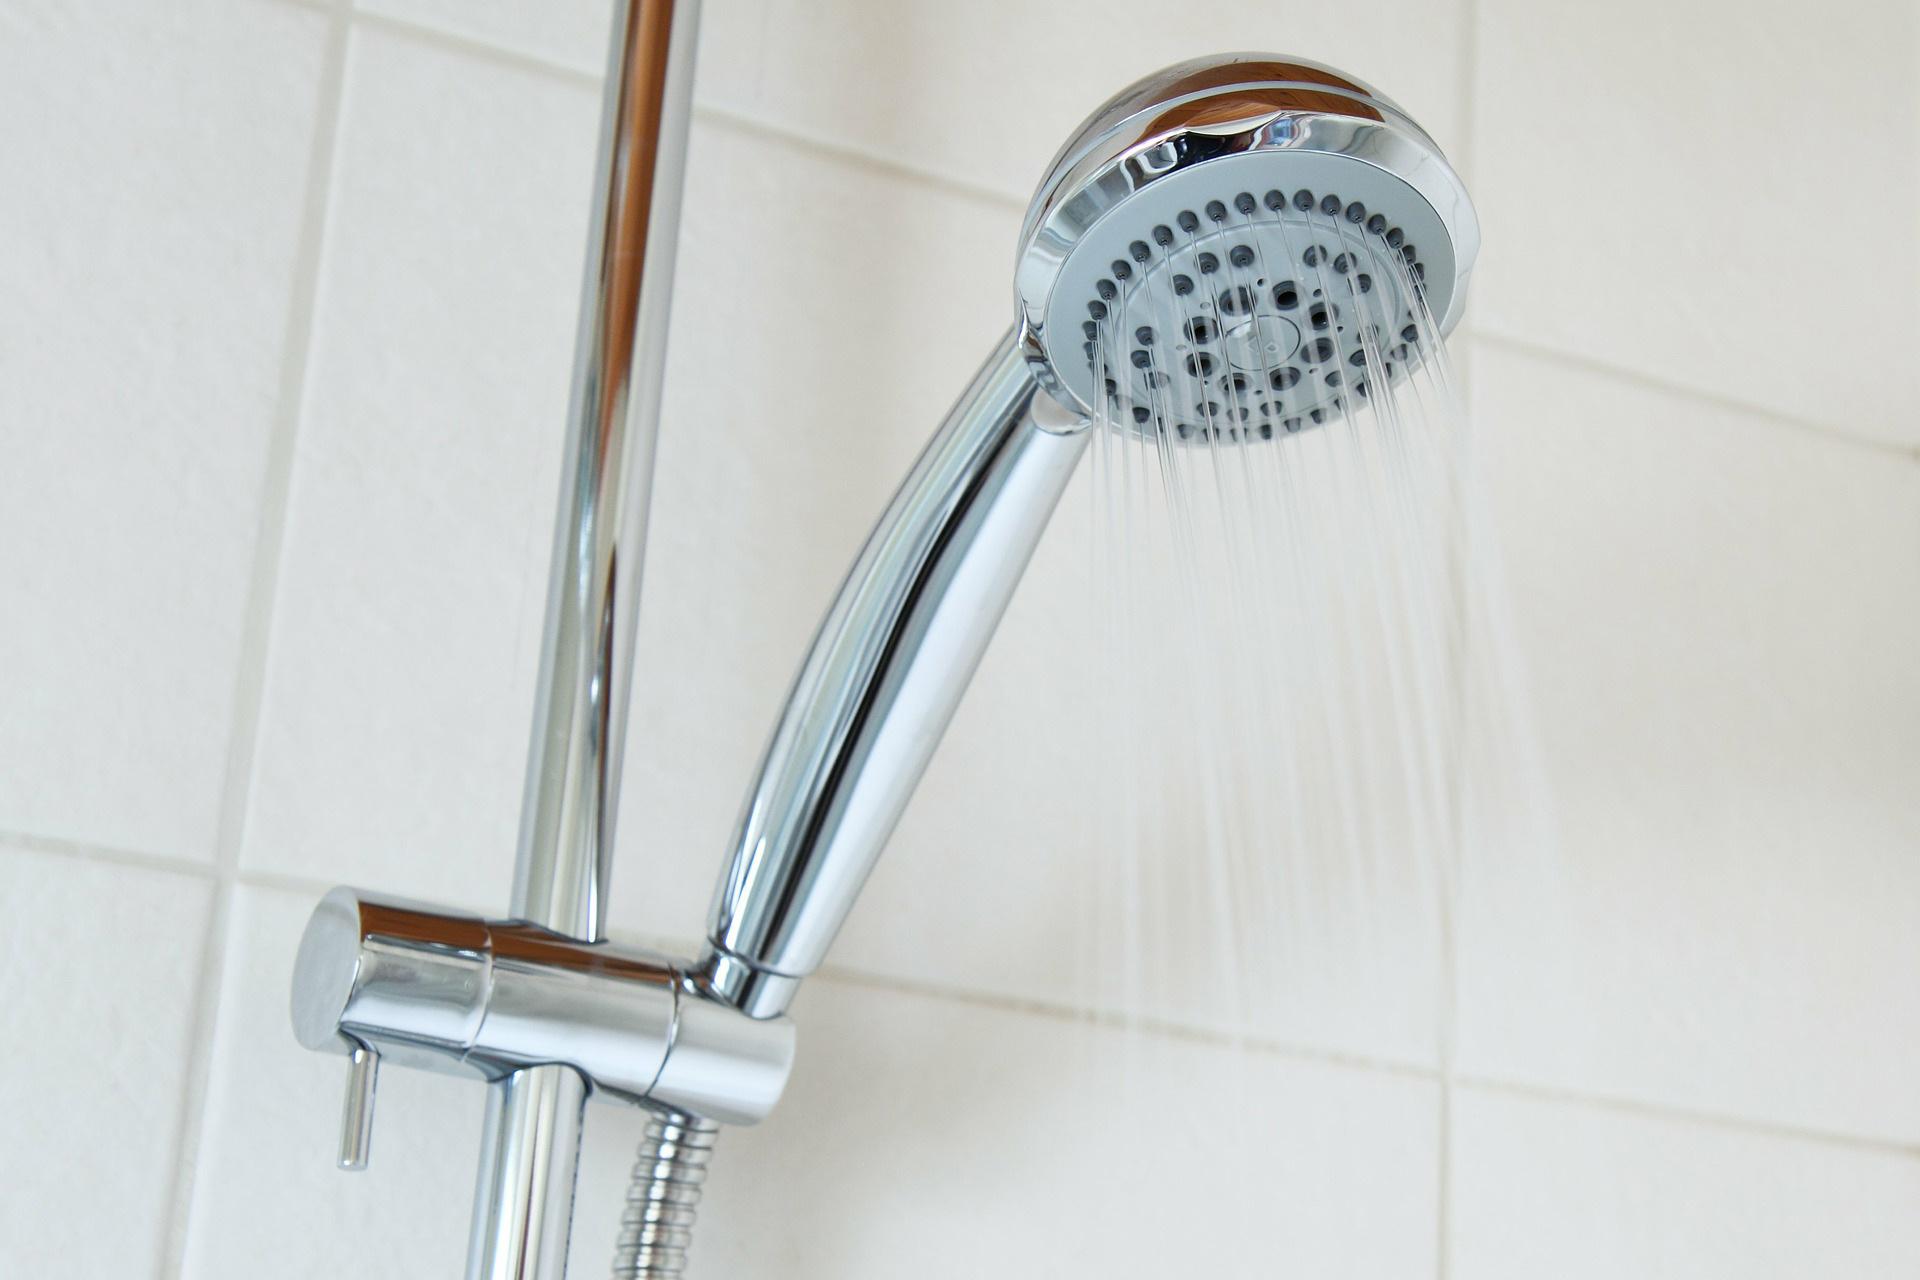 enlever le calcaire sur une colonne de douche en inox. Black Bedroom Furniture Sets. Home Design Ideas